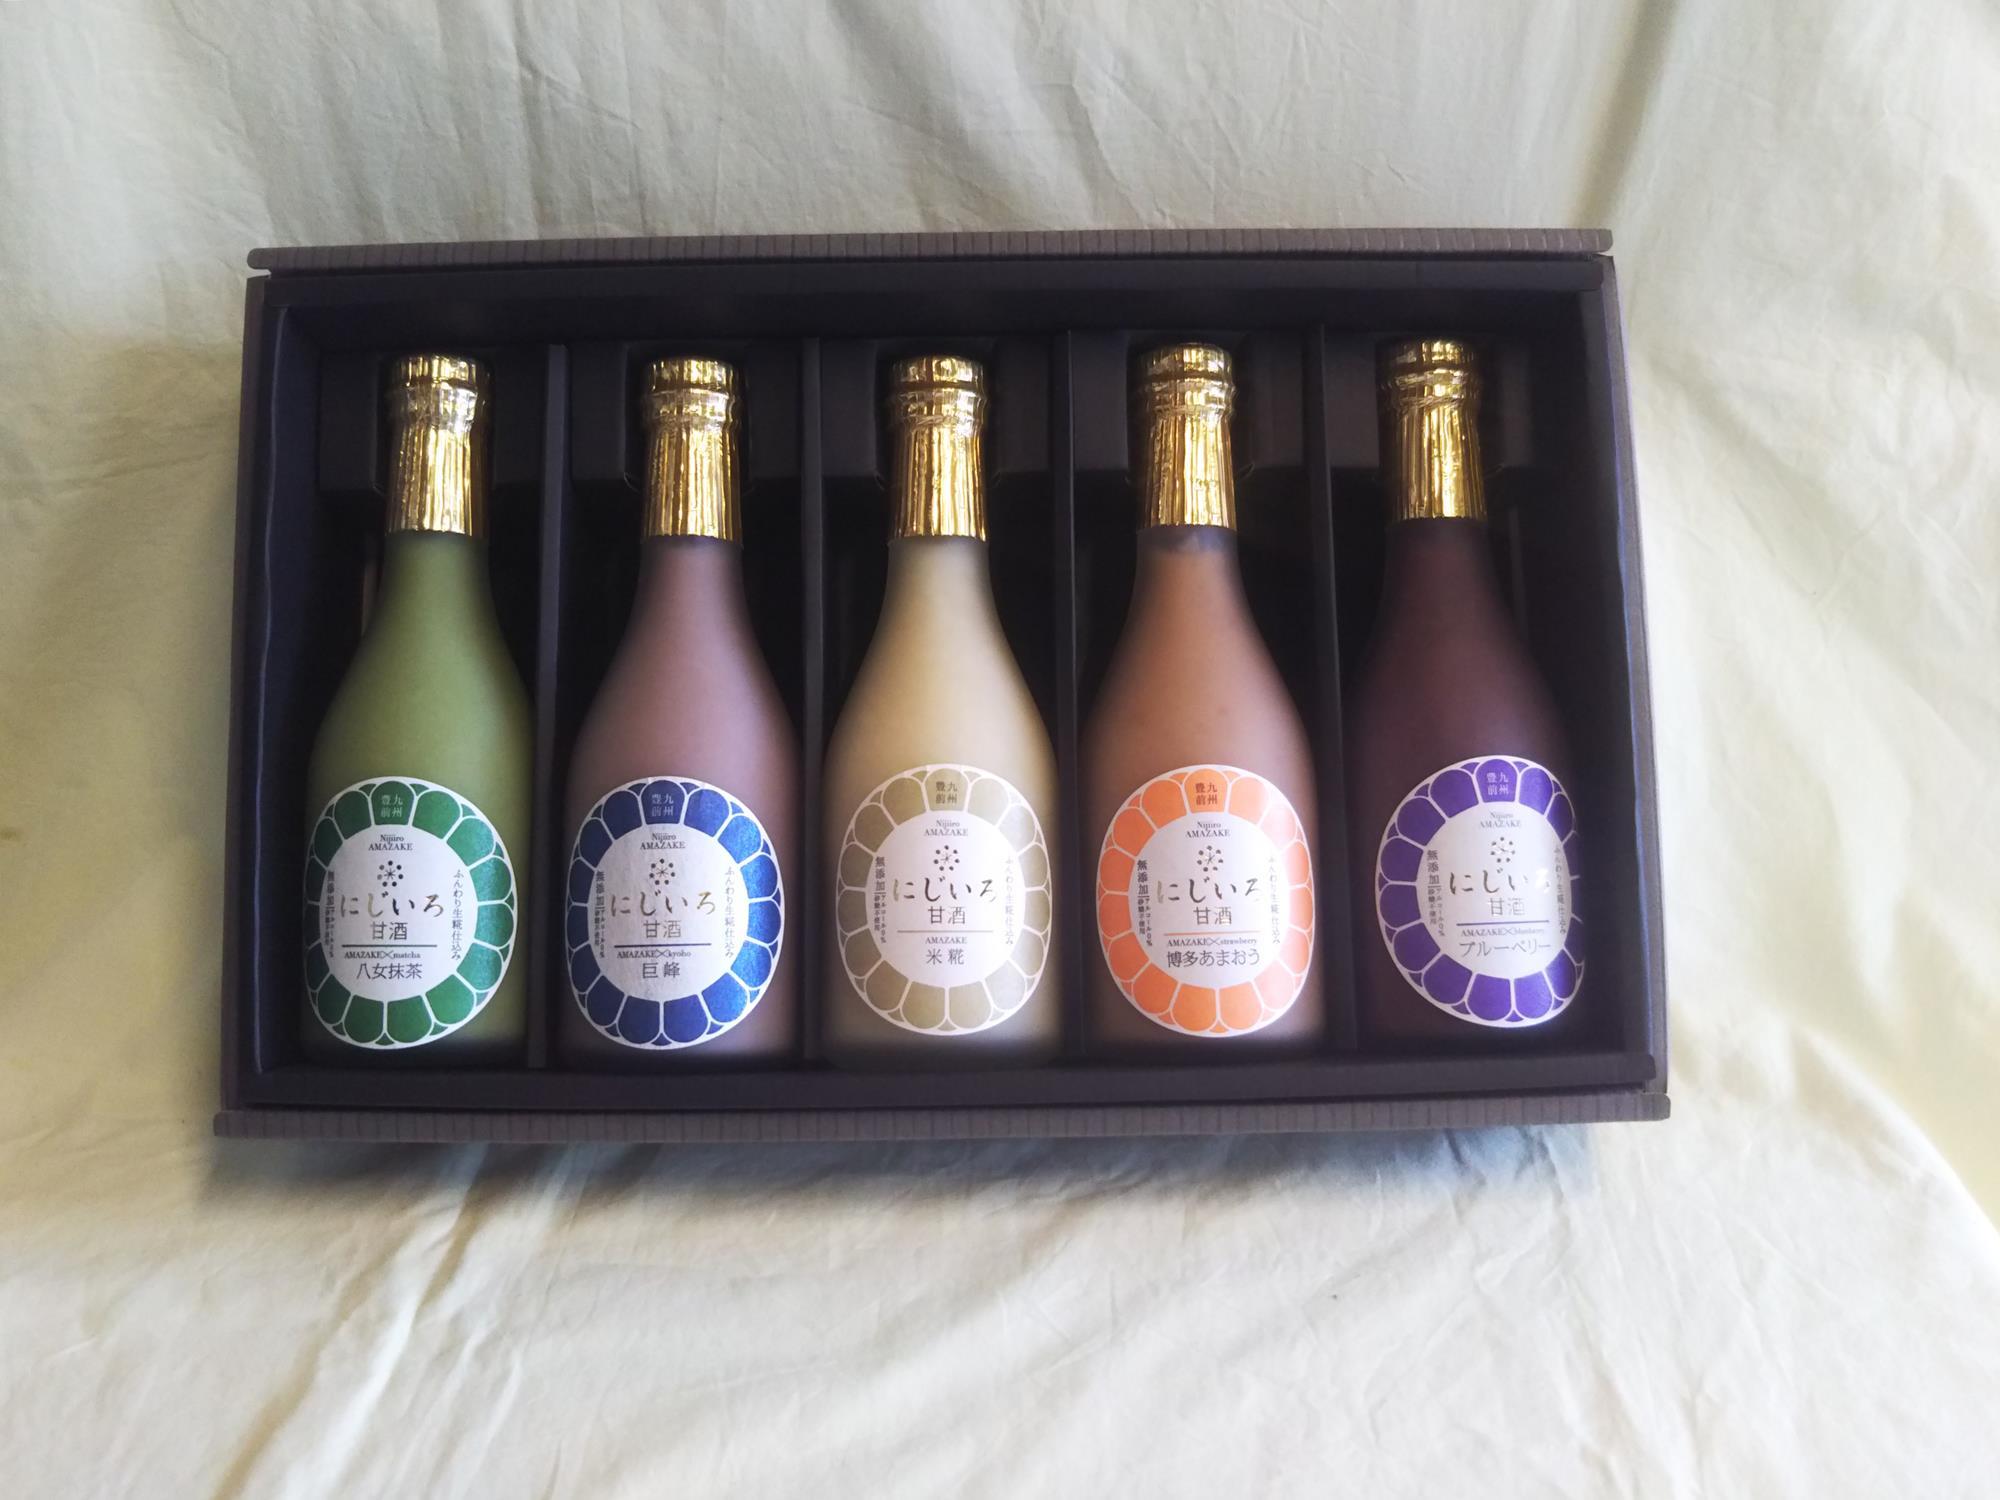 秋限定製造巨峰の甘酒も入った秋の5色ギフト(巨峰・ブルーベリー・博多あまおう・八女抹茶・米糀)お歳暮・お祝い・プレゼント